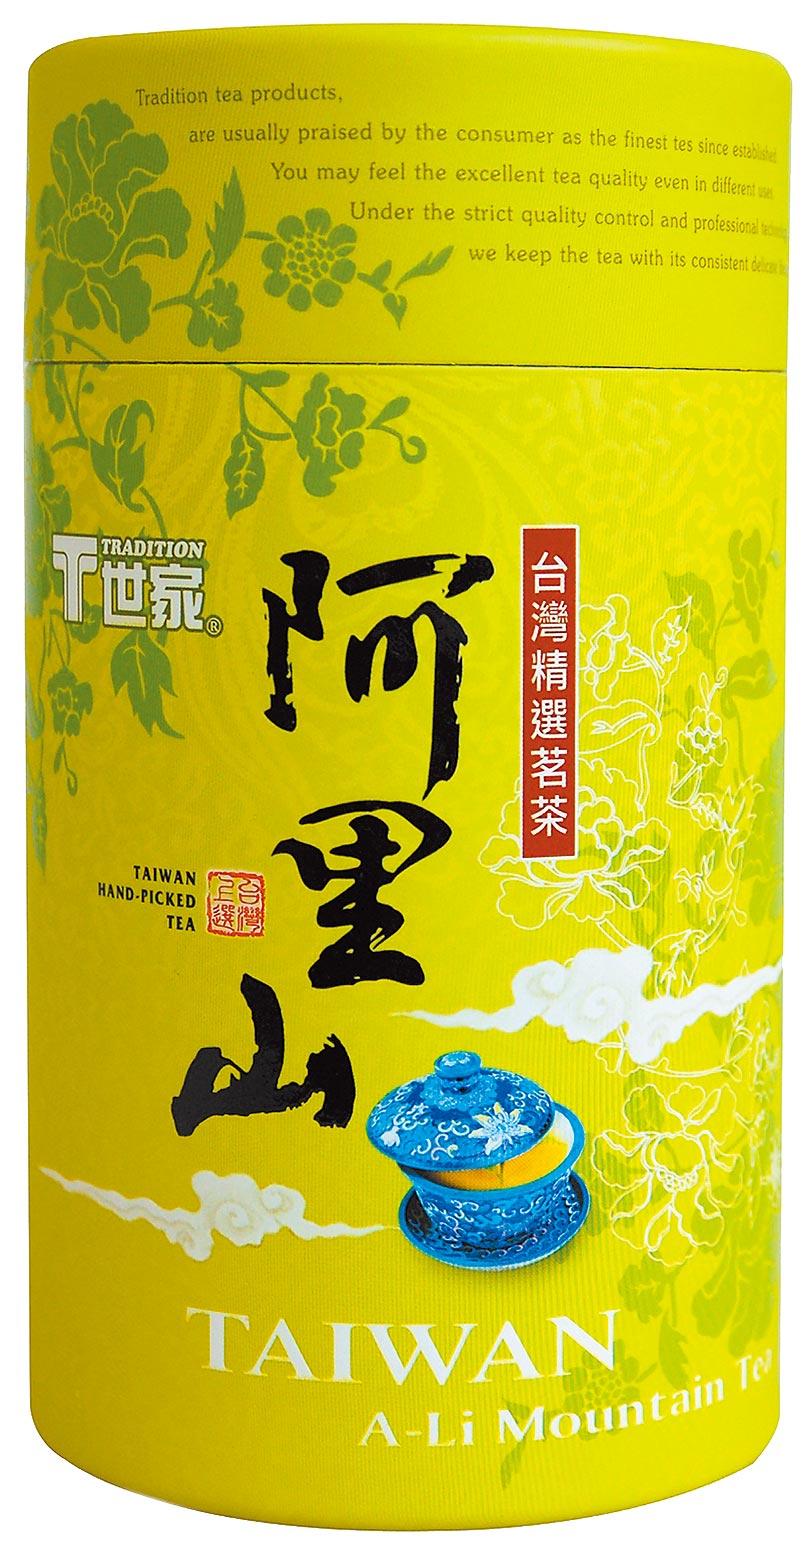 全聯T世家阿里山茶150g、320元,6日至19日買2件特價519元。(全聯提供)